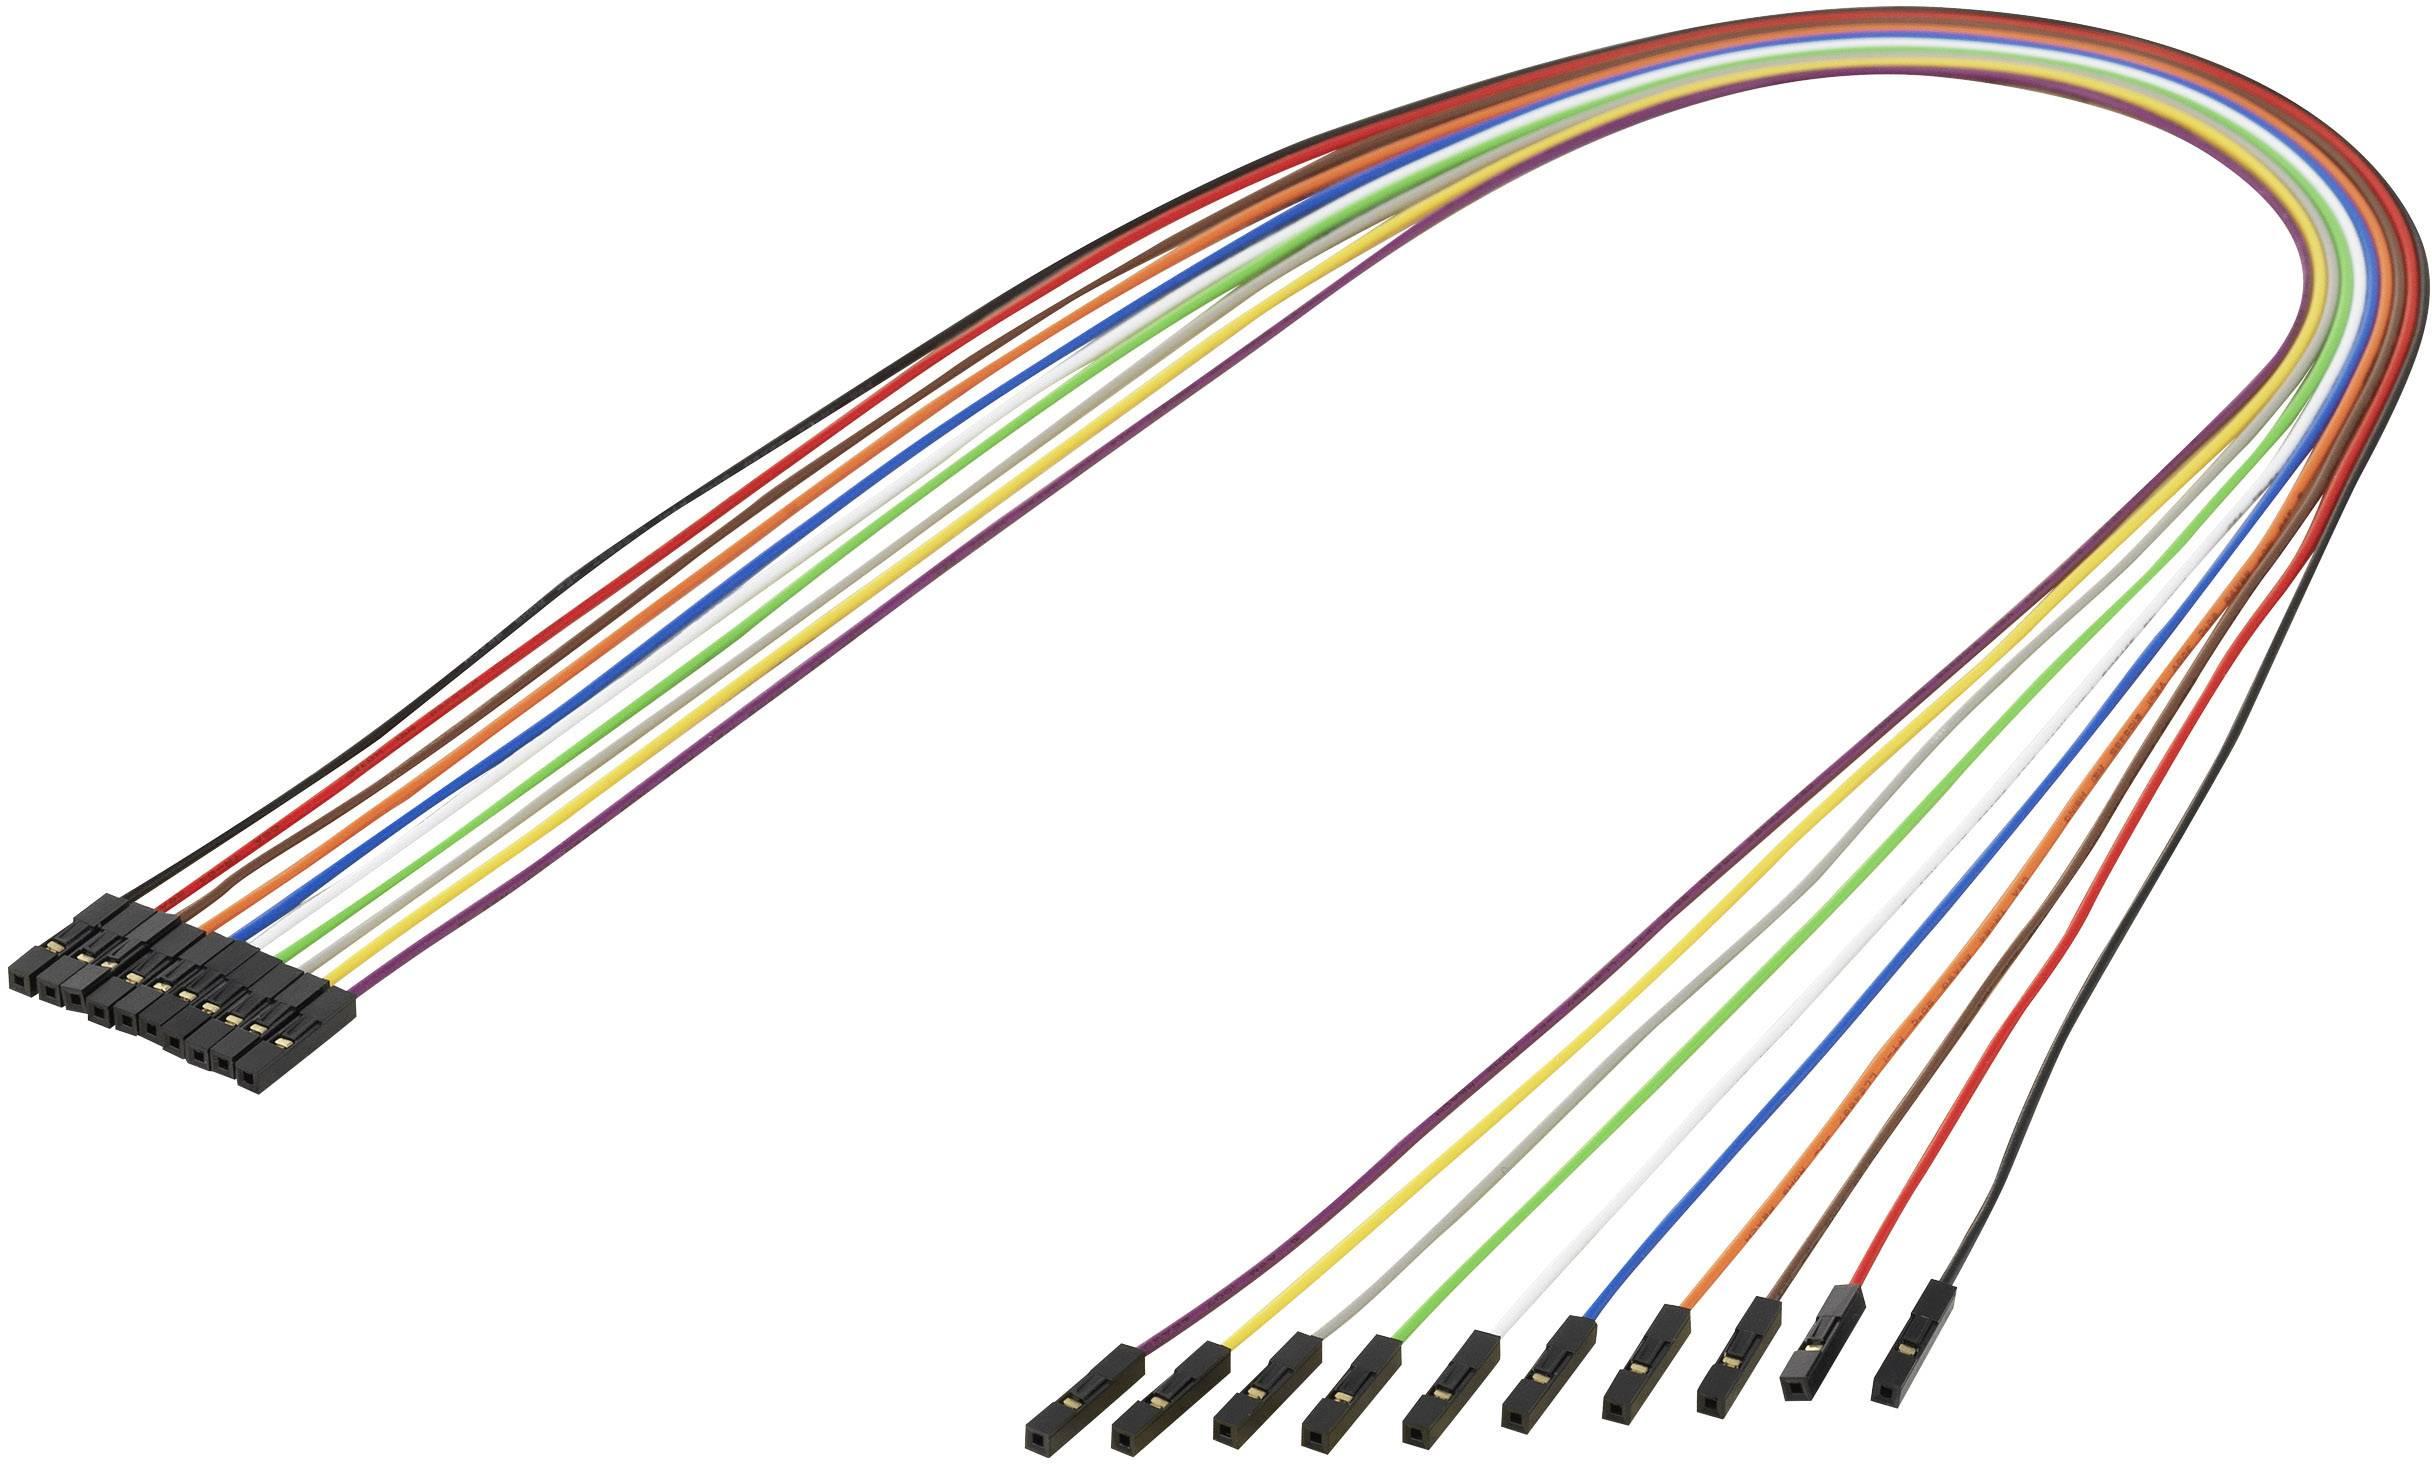 Barevné propojovací kabely pro Raspberry Pi, 10 ks, 50 cm